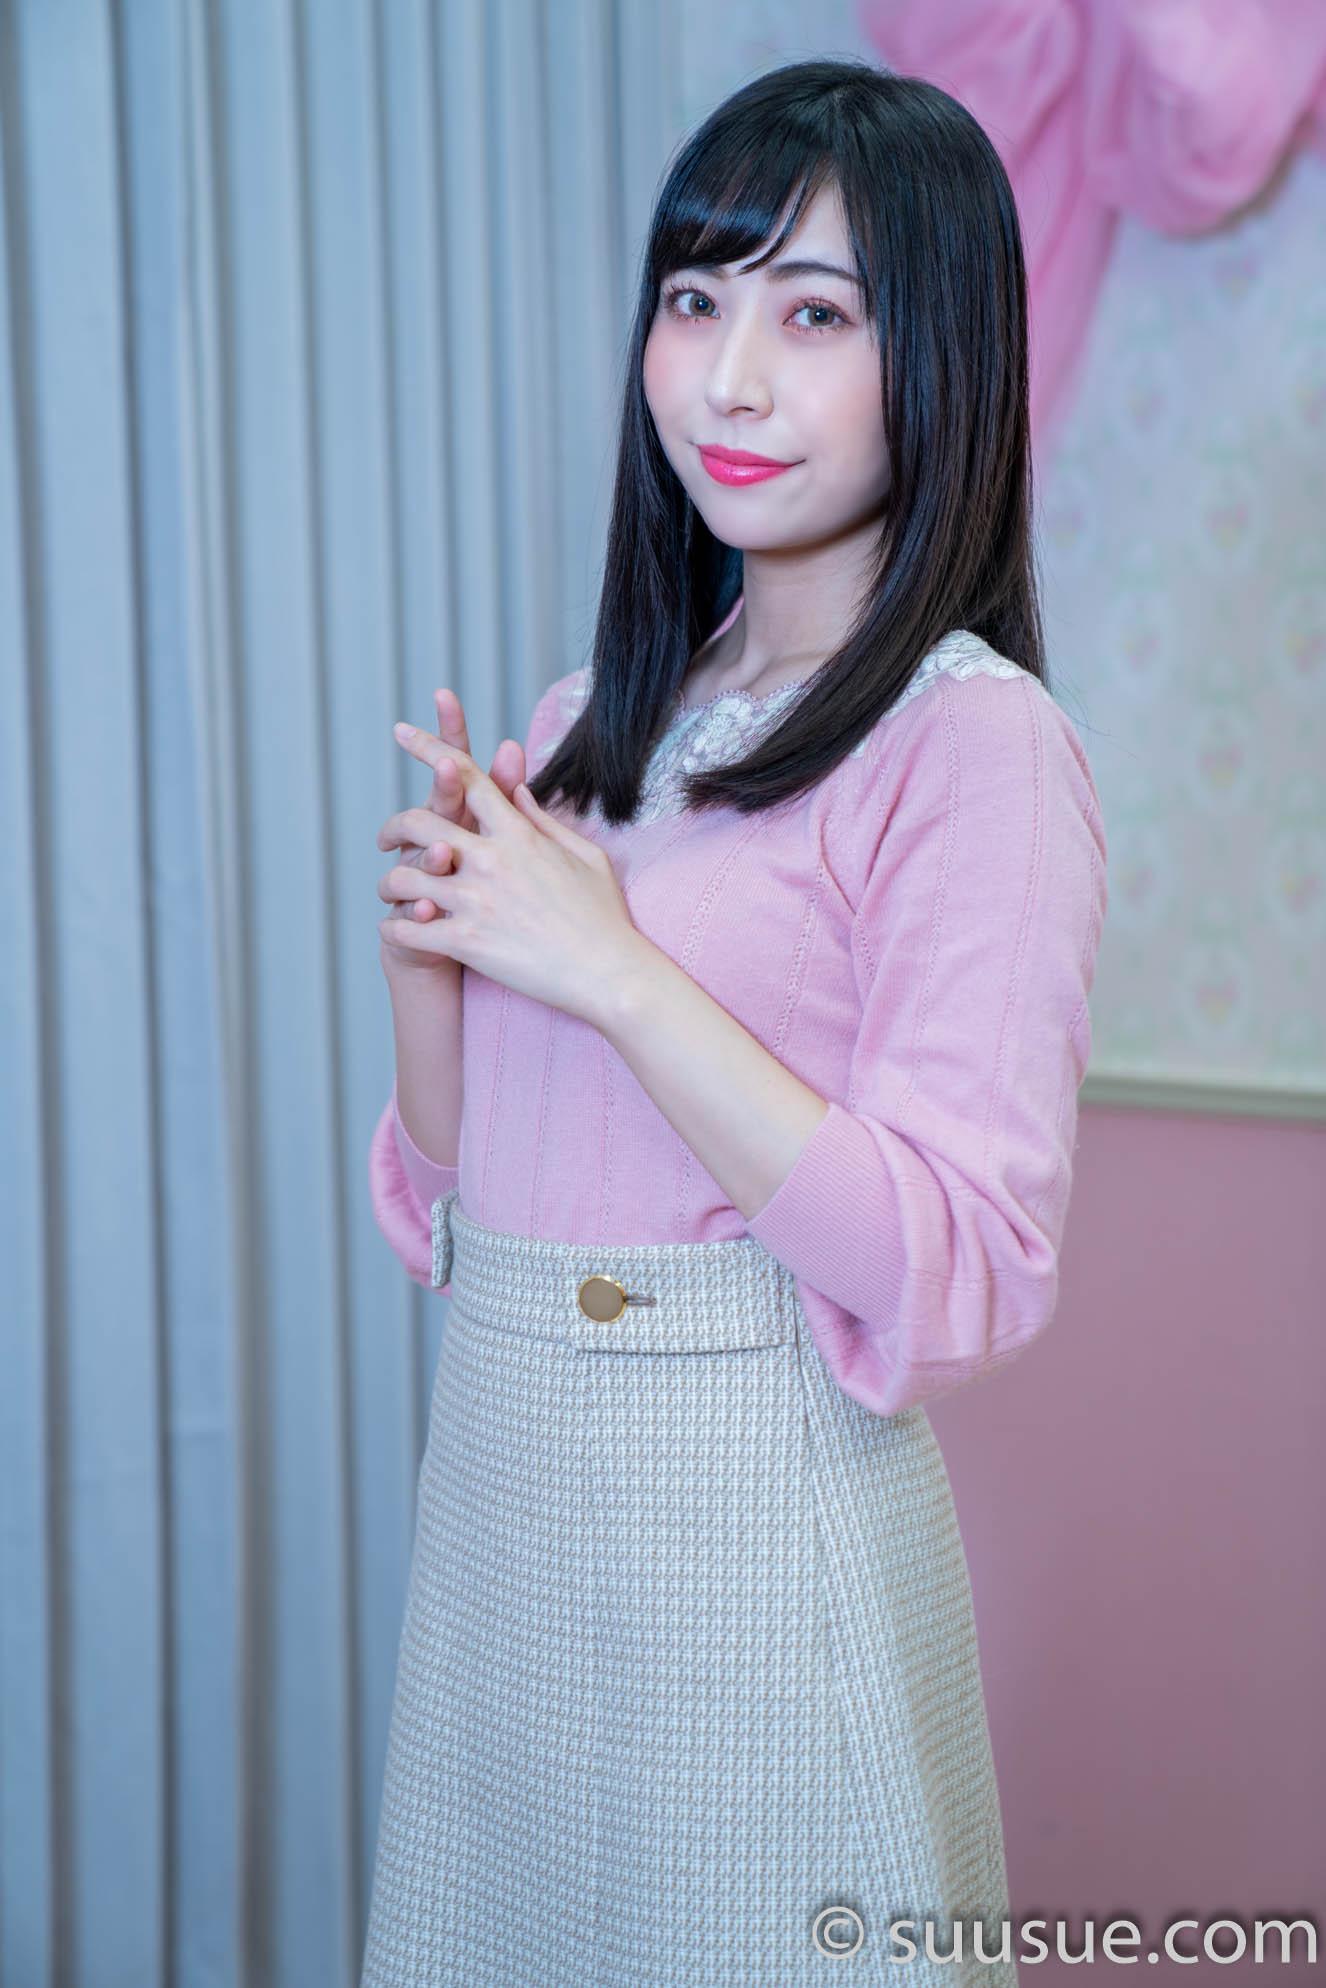 2018/11/25スタイルコーポレーション撮影会 緑川ちひろ